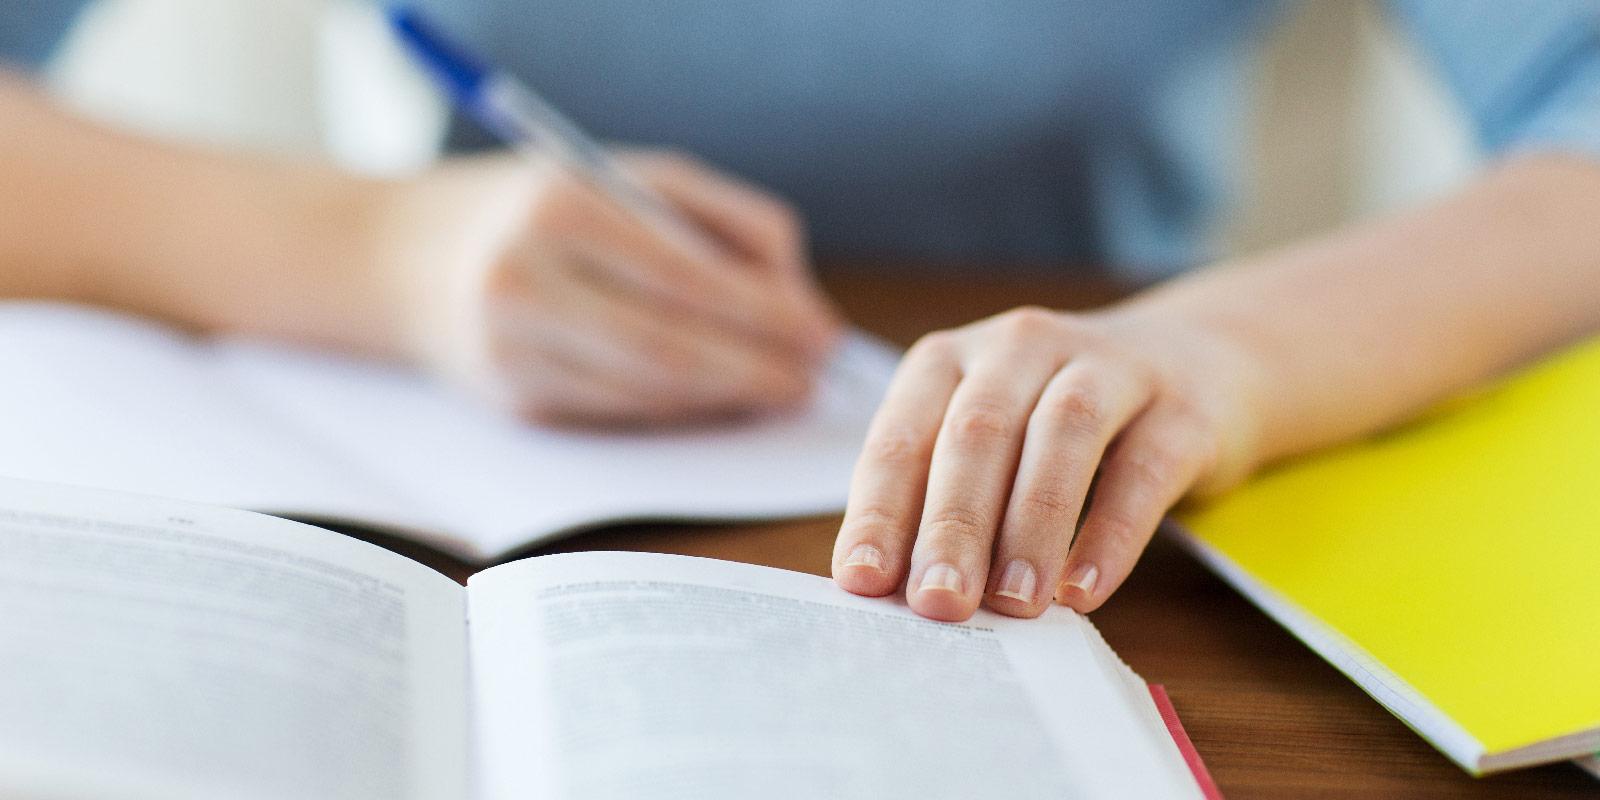 Dr arbeit schreiben ohne master charakterisierung schreiben klett